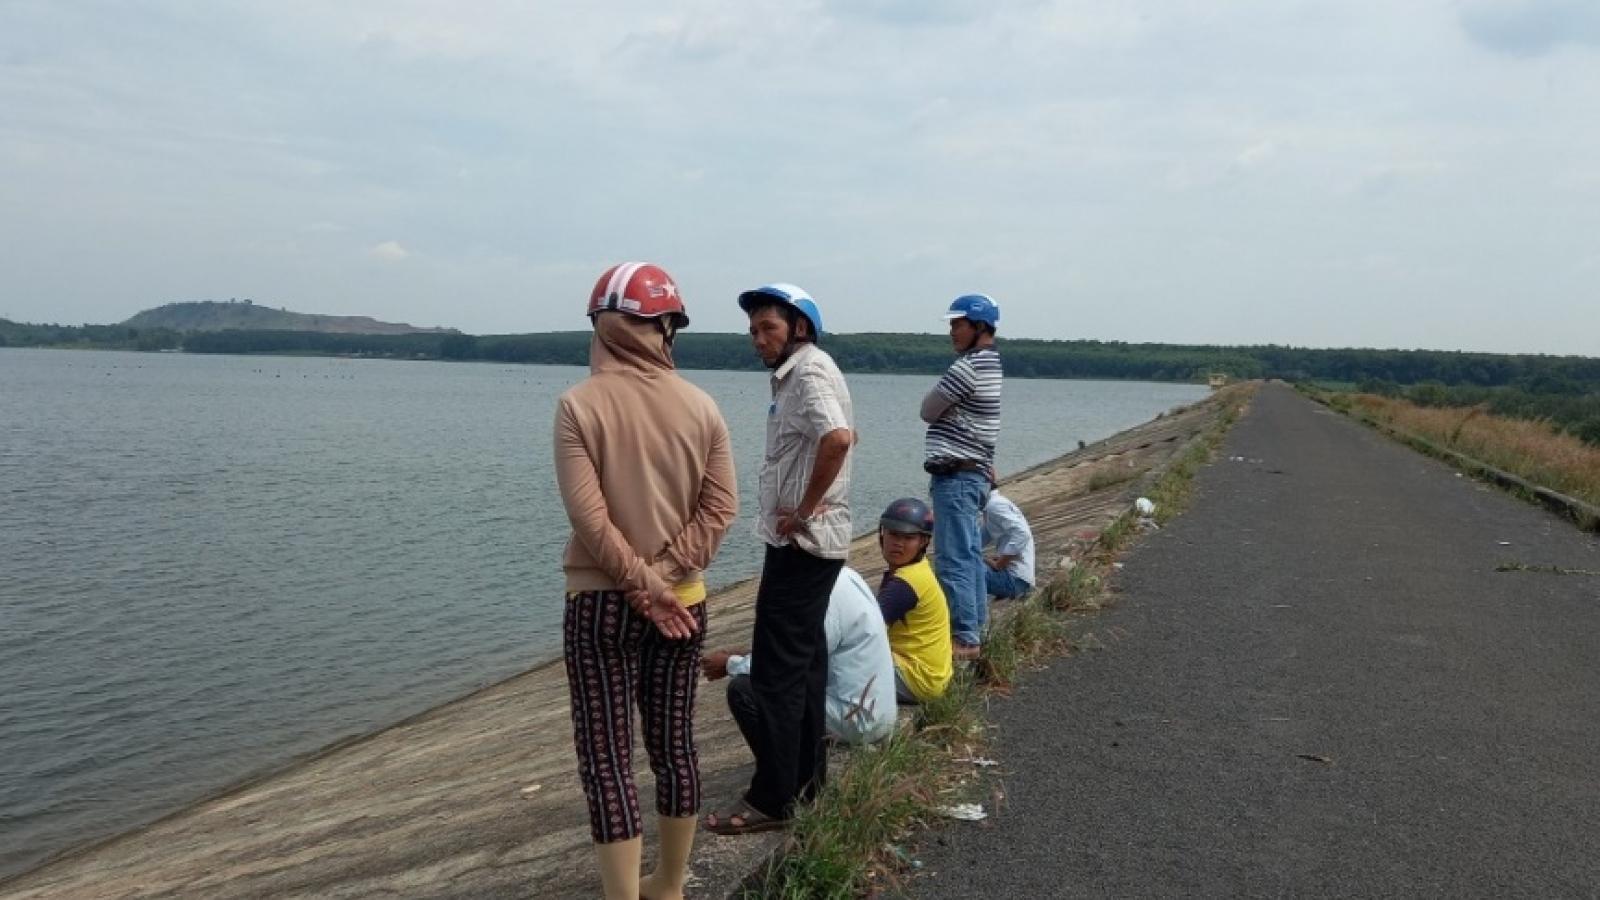 Đi tập thể dục cùng chồng, người vợ bỗng dưng mất tích ở hồ Đá Bàng